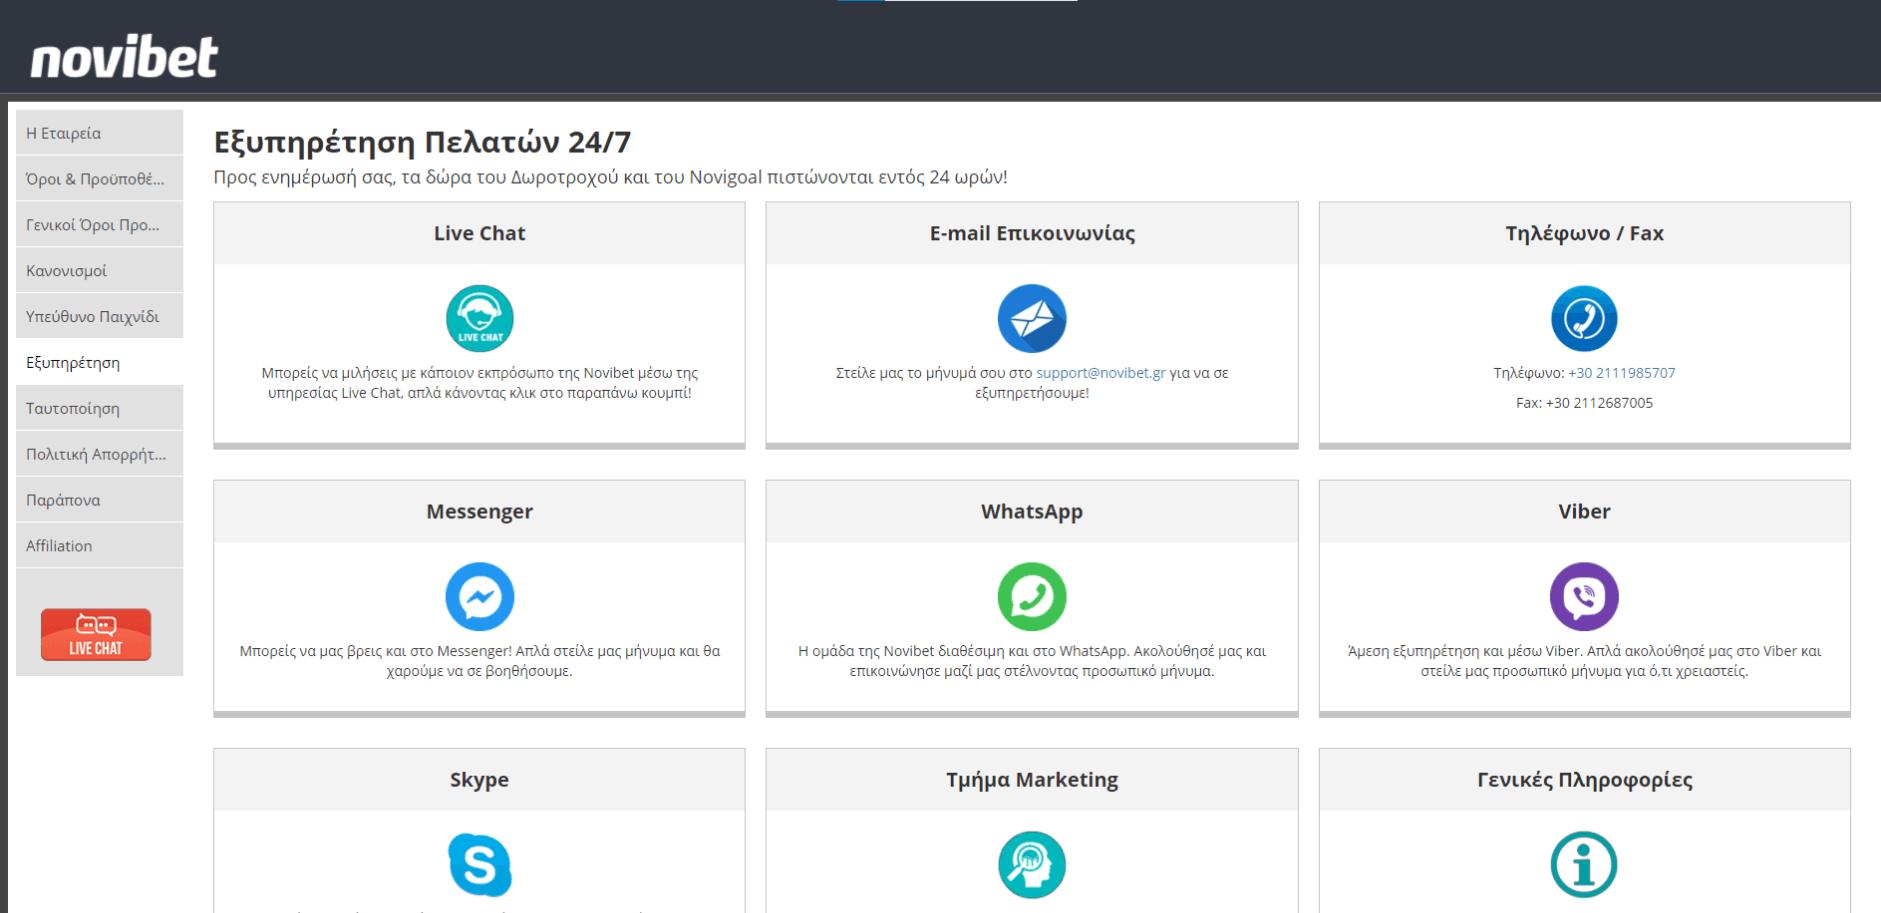 Η σελίδα του τμήματος εξυπηρέτησης πελατών της Novibet.gr